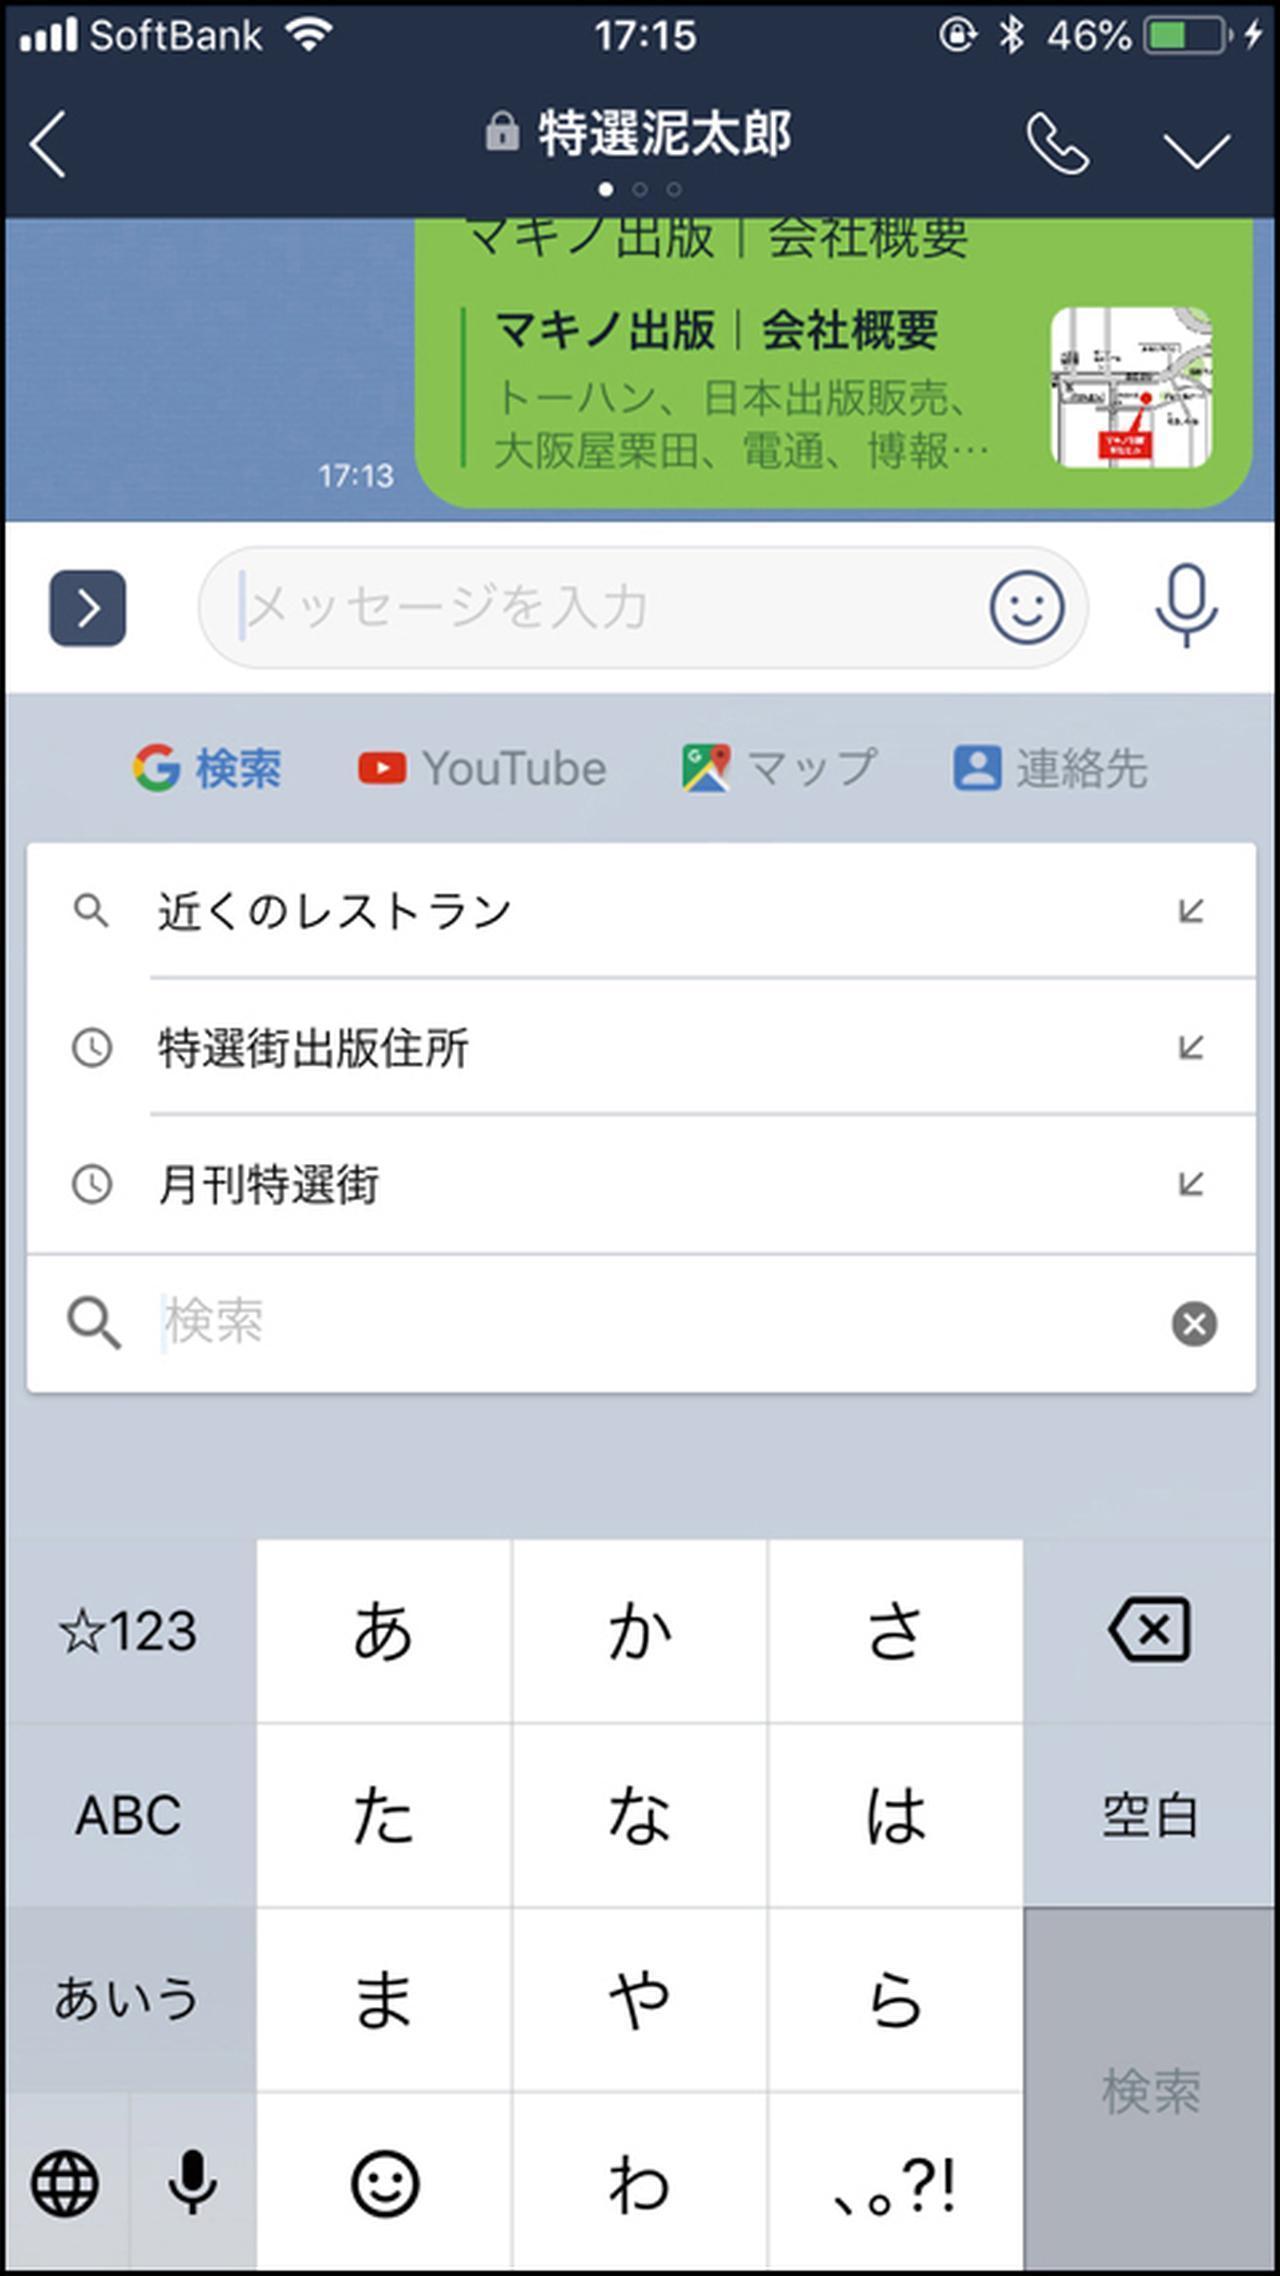 画像: フリック、ケータイタイプ、PCタイプの三つの入力方法に対応。PCタイプの英語入力では、指を滑らせる「グライド」入力にも対応。(iPhone)